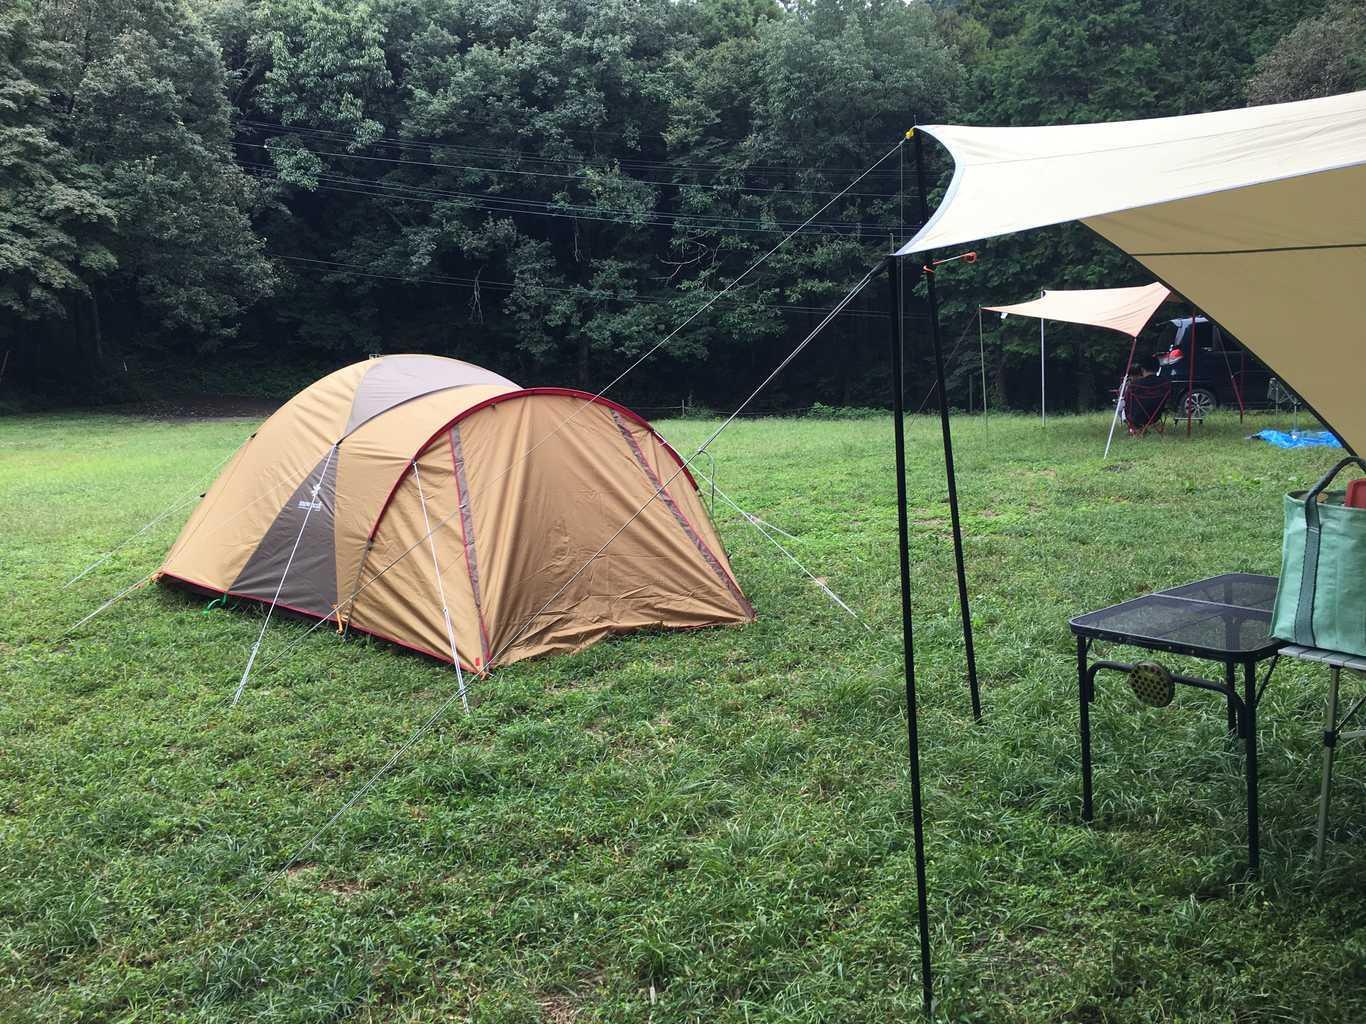 月川荘キャンプ場 の写真p